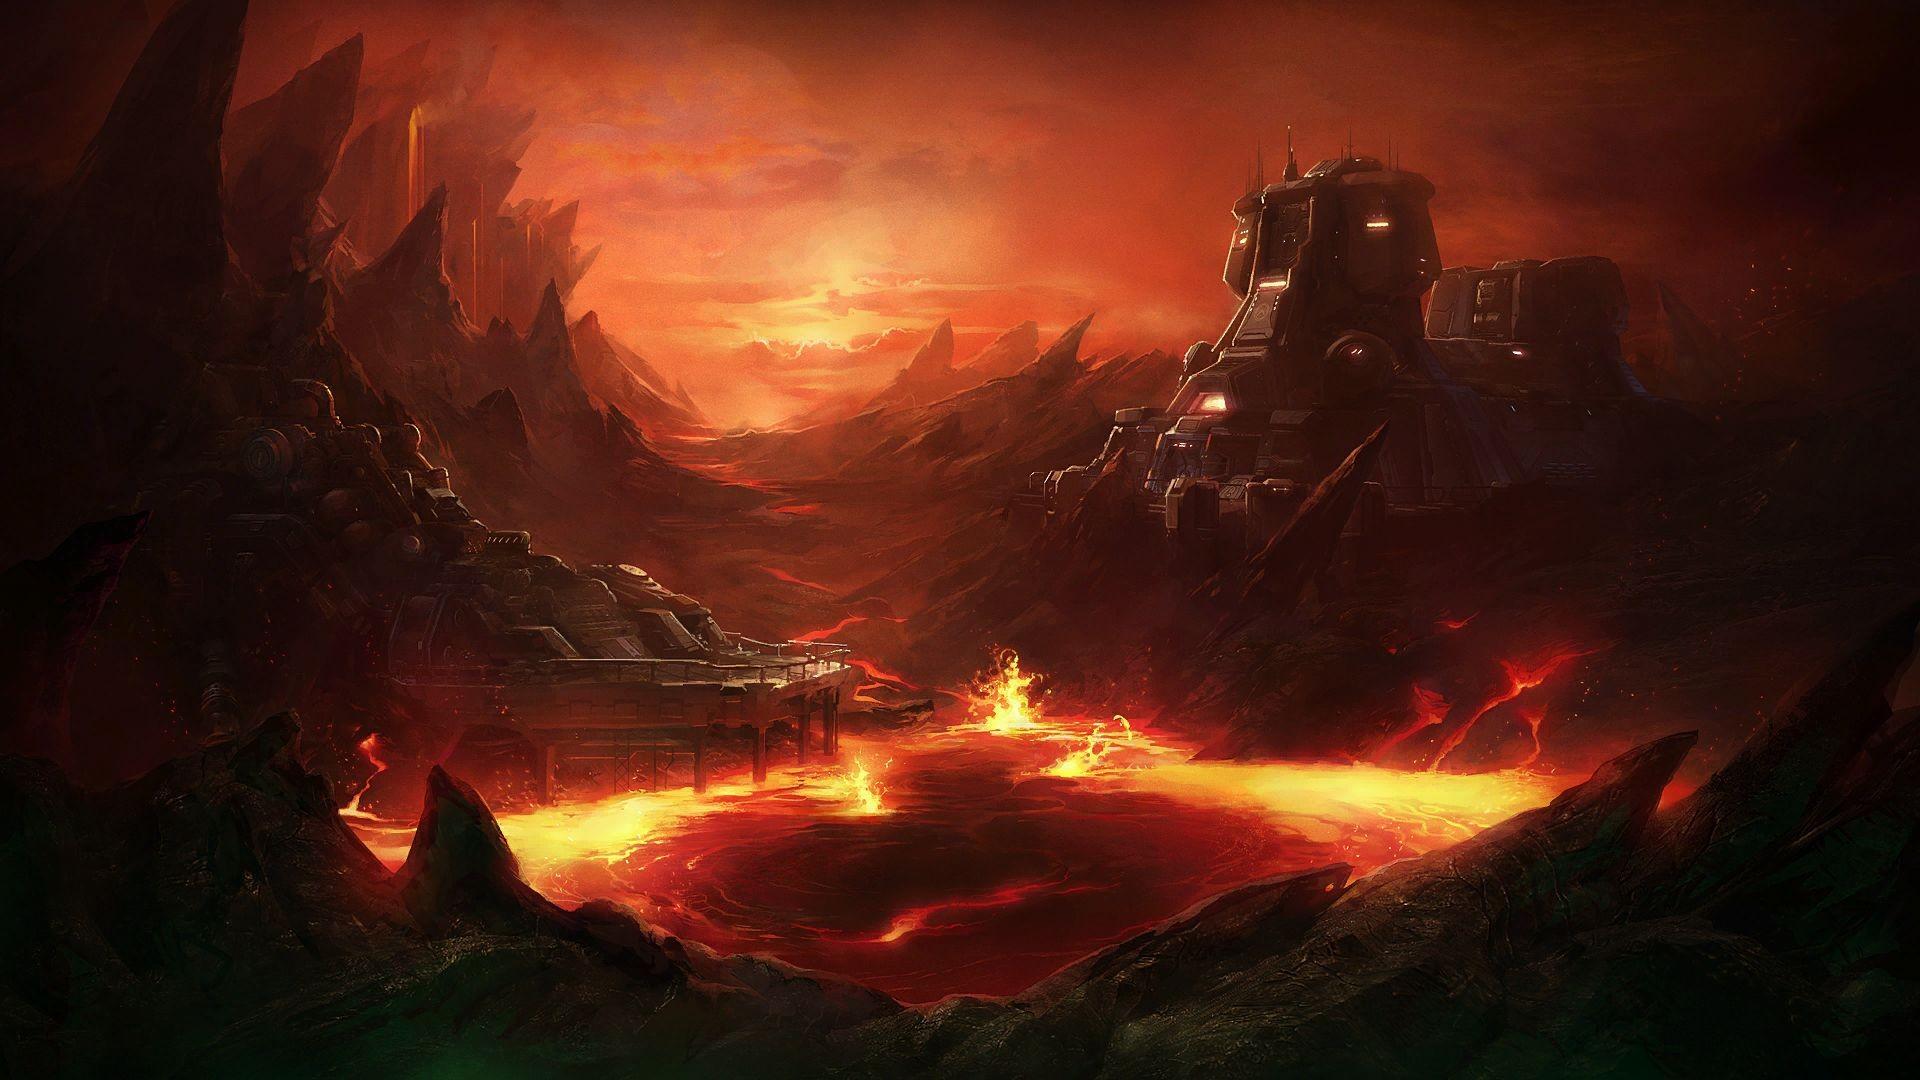 lava wallpaper - photo #21